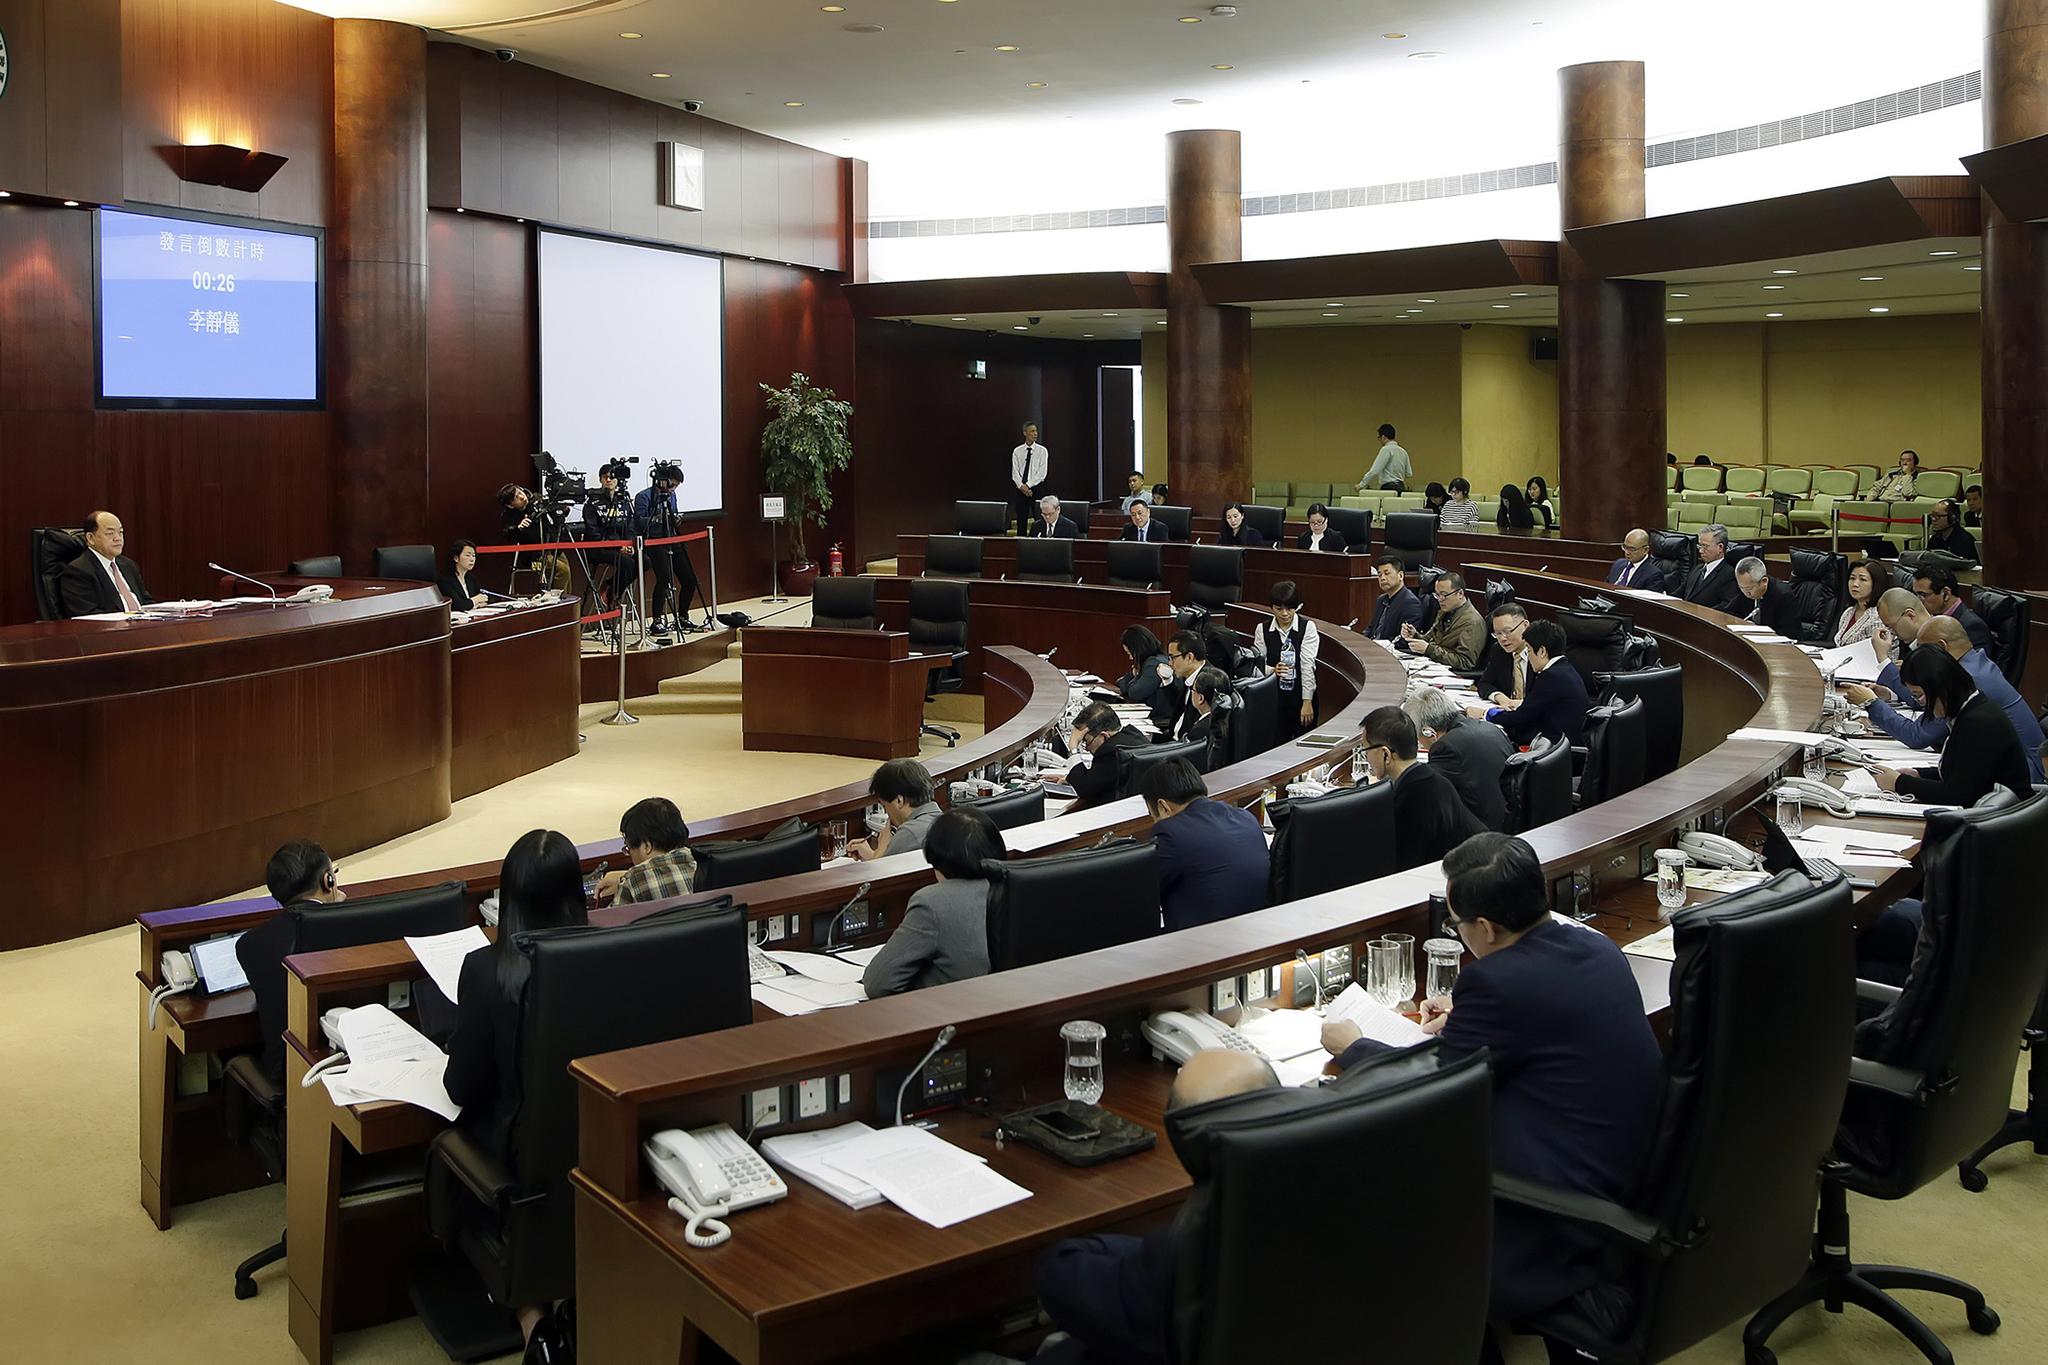 Plenário | Lei das rendas aprovada sem coeficiente de actualização